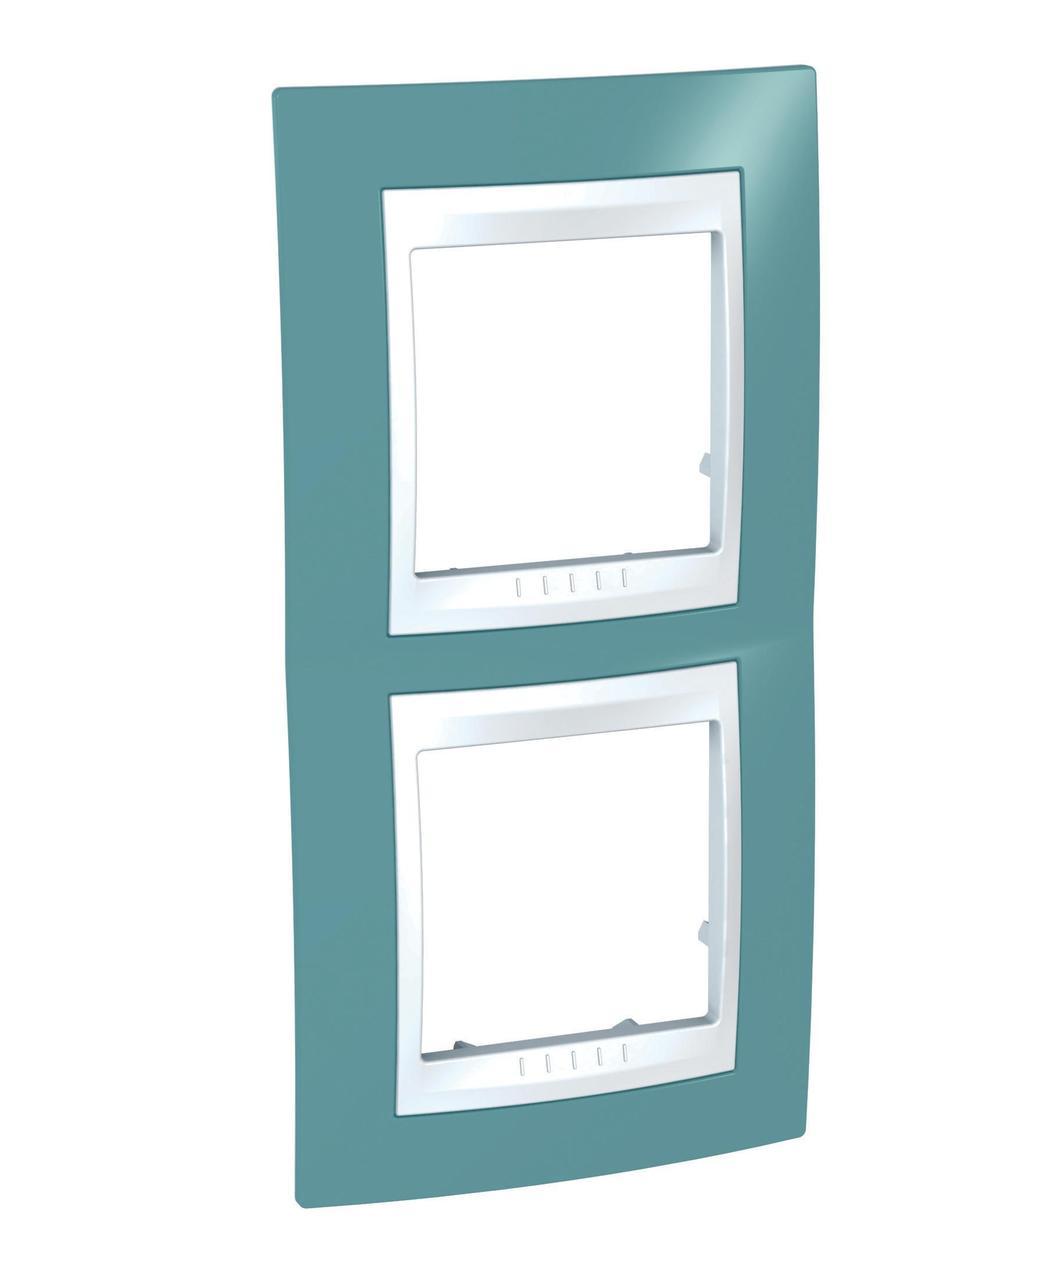 Рамка 2-ая (двойная) вертикальная, Синий/Белый, серия Unica, Schneider Electric